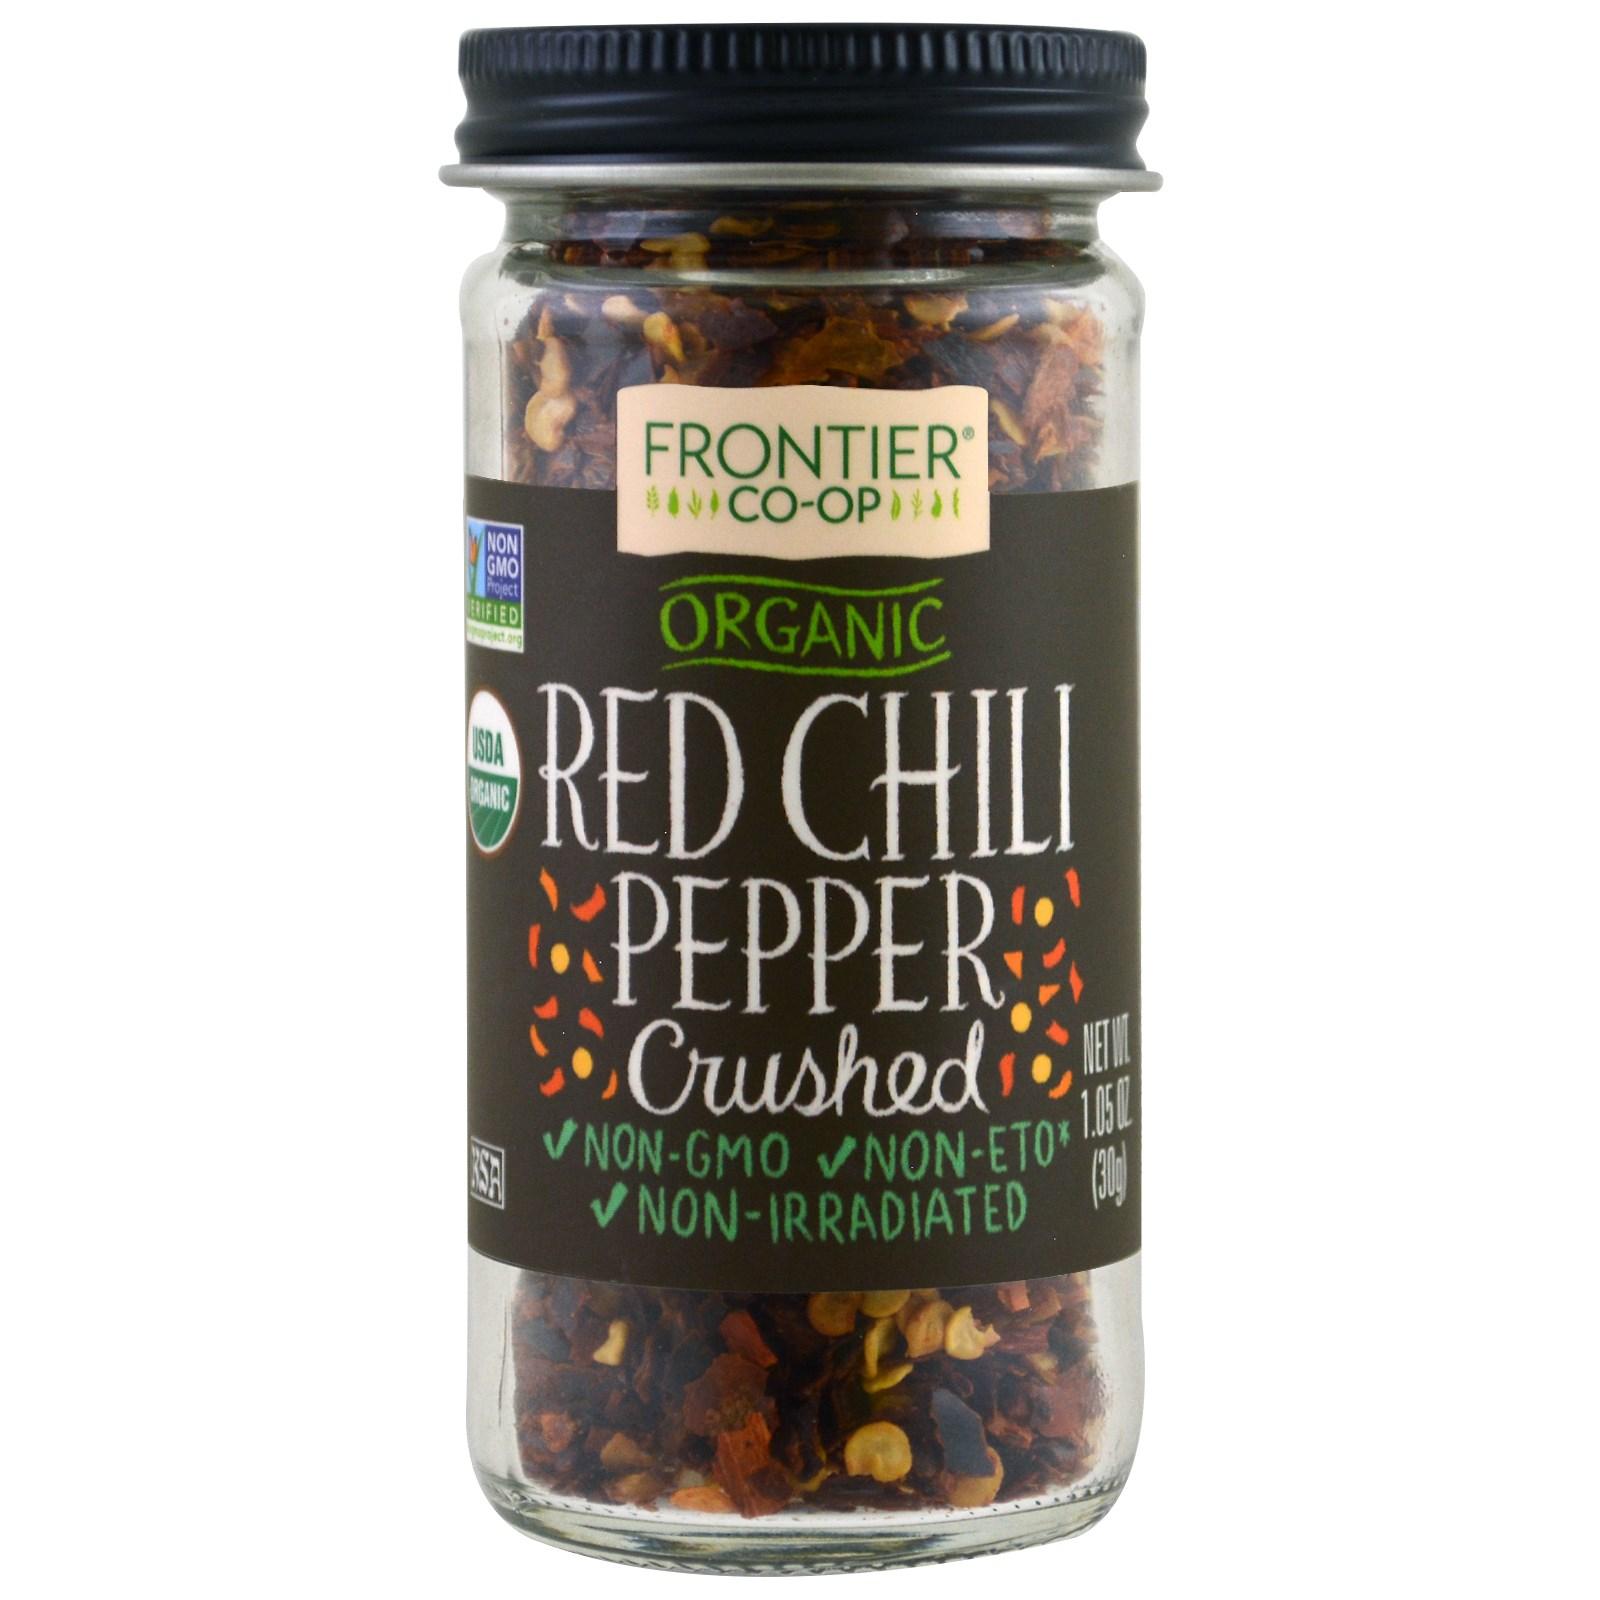 Frontier Natural Products, Органический продукт, красный перец, измельченный, 1.05 унц. (30 г.)